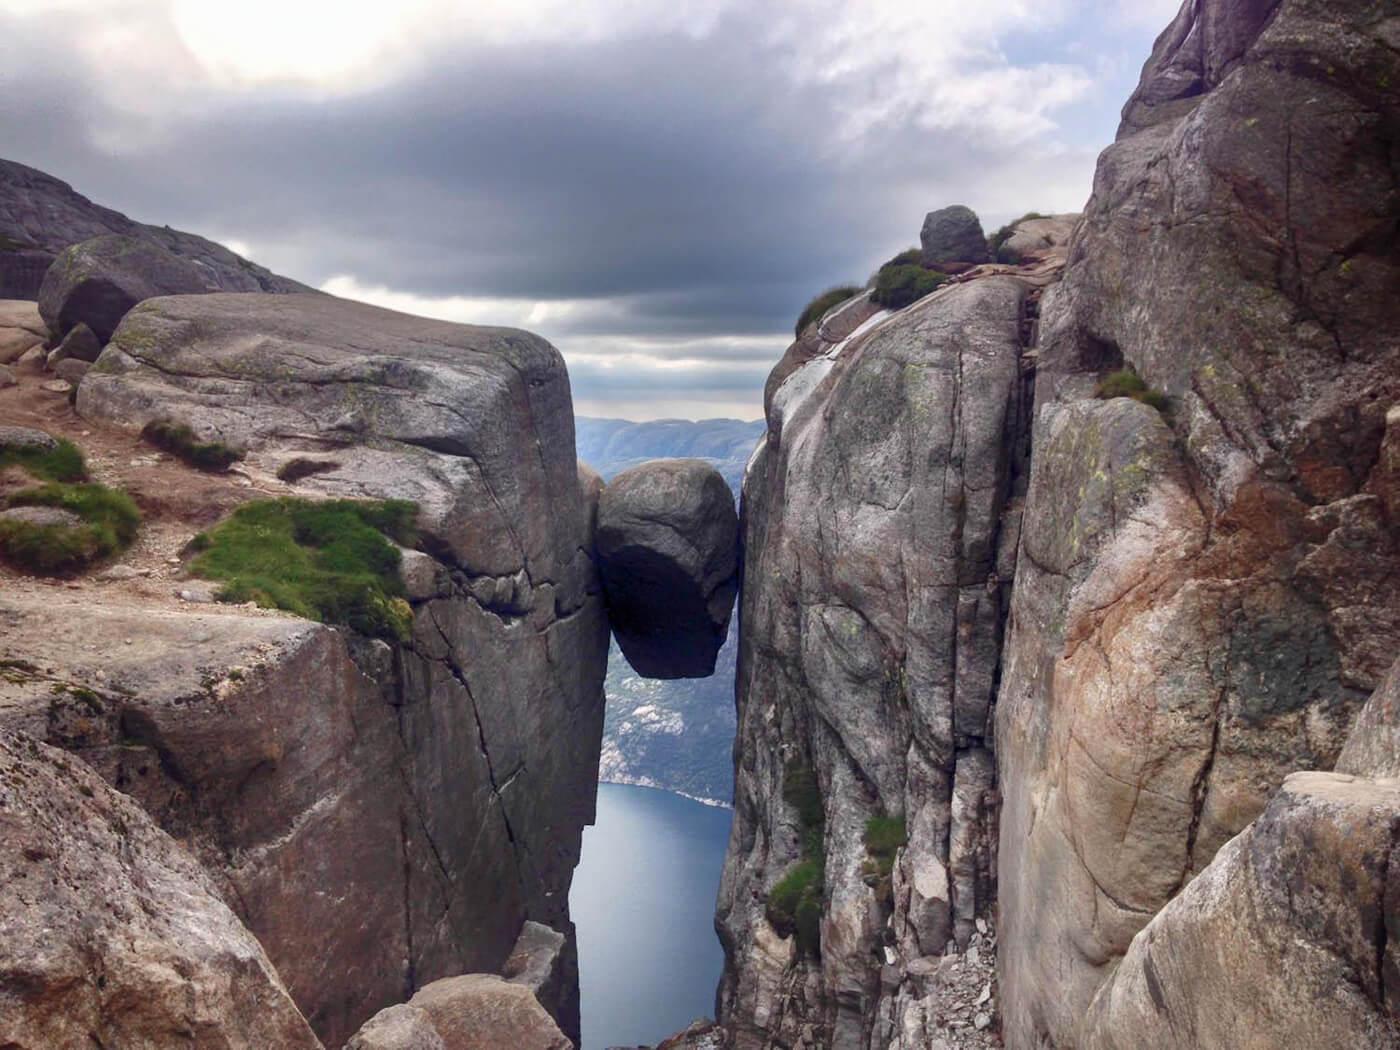 Валун Кьерагболтен в расщелине скалы Кьераг